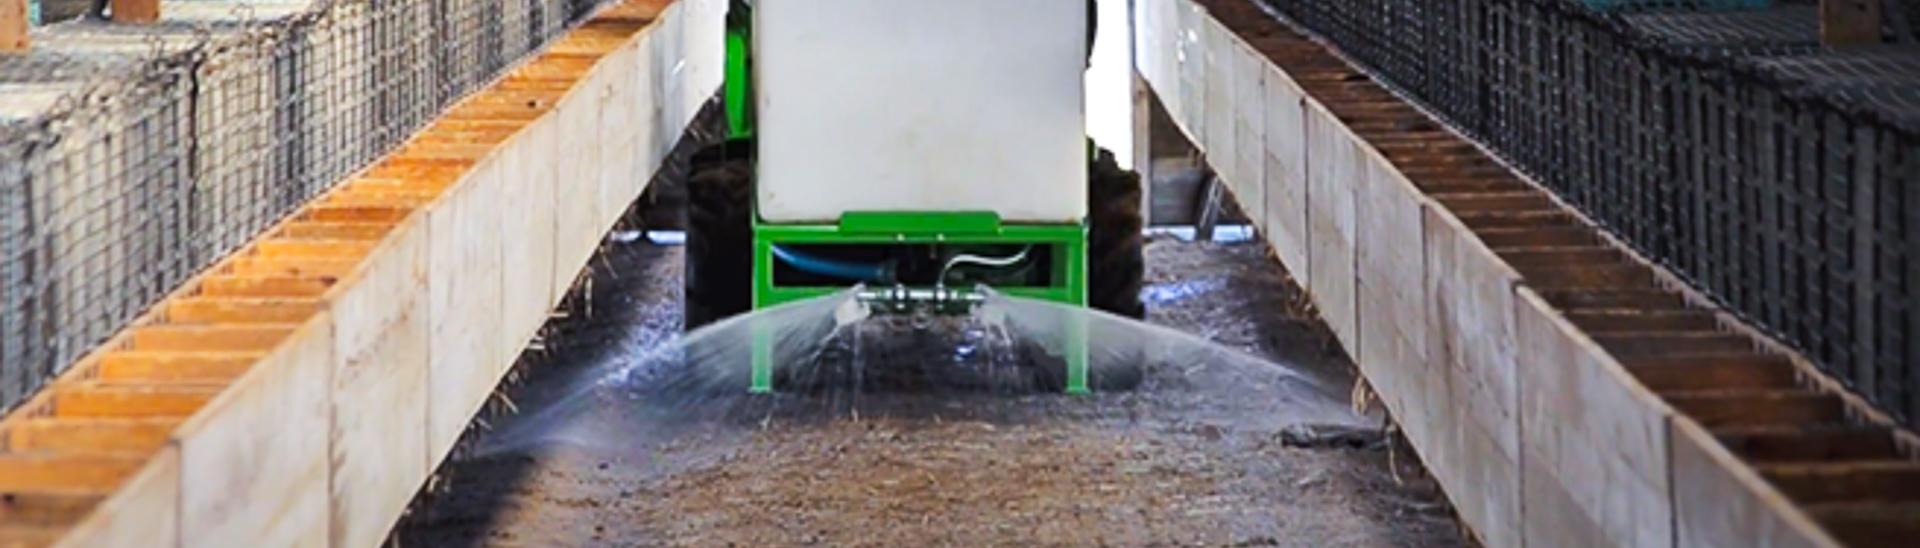 arbejdsbillede af Kalk- og vandspreder til avant minilæsser, billedet er på en minkfarm